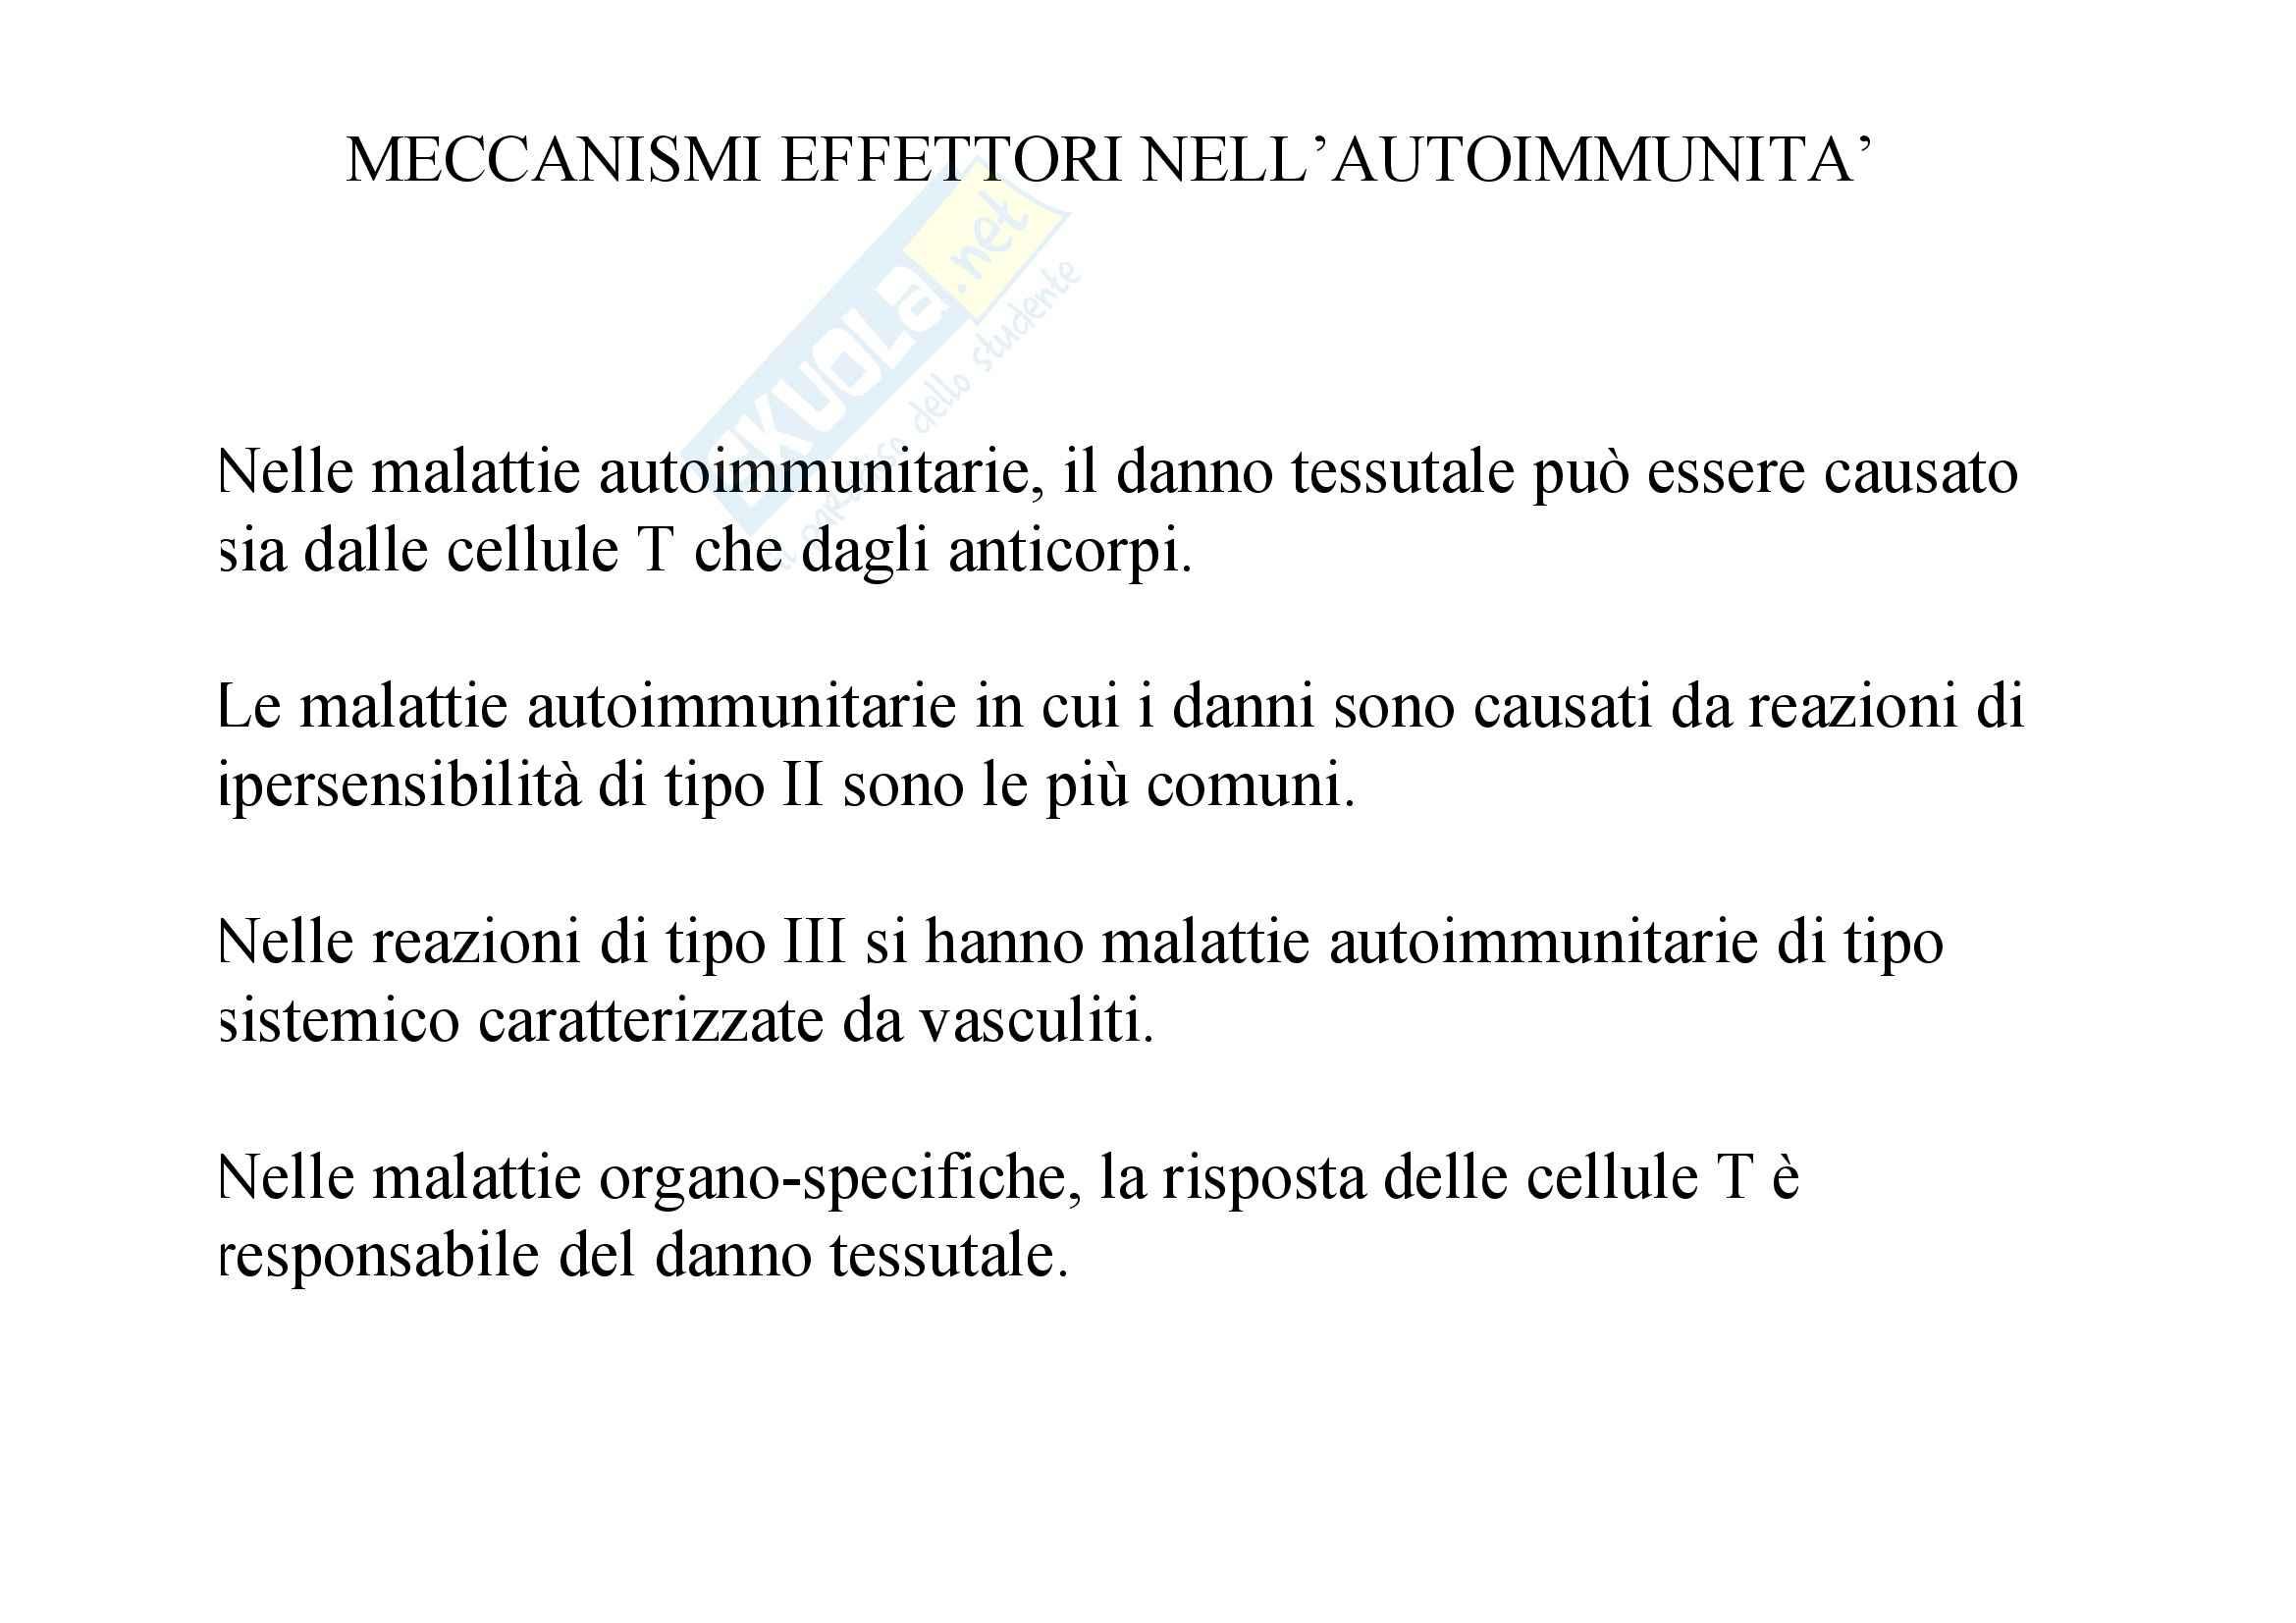 Immunologia - cronicizzazione dell'autoimmunità Pag. 6